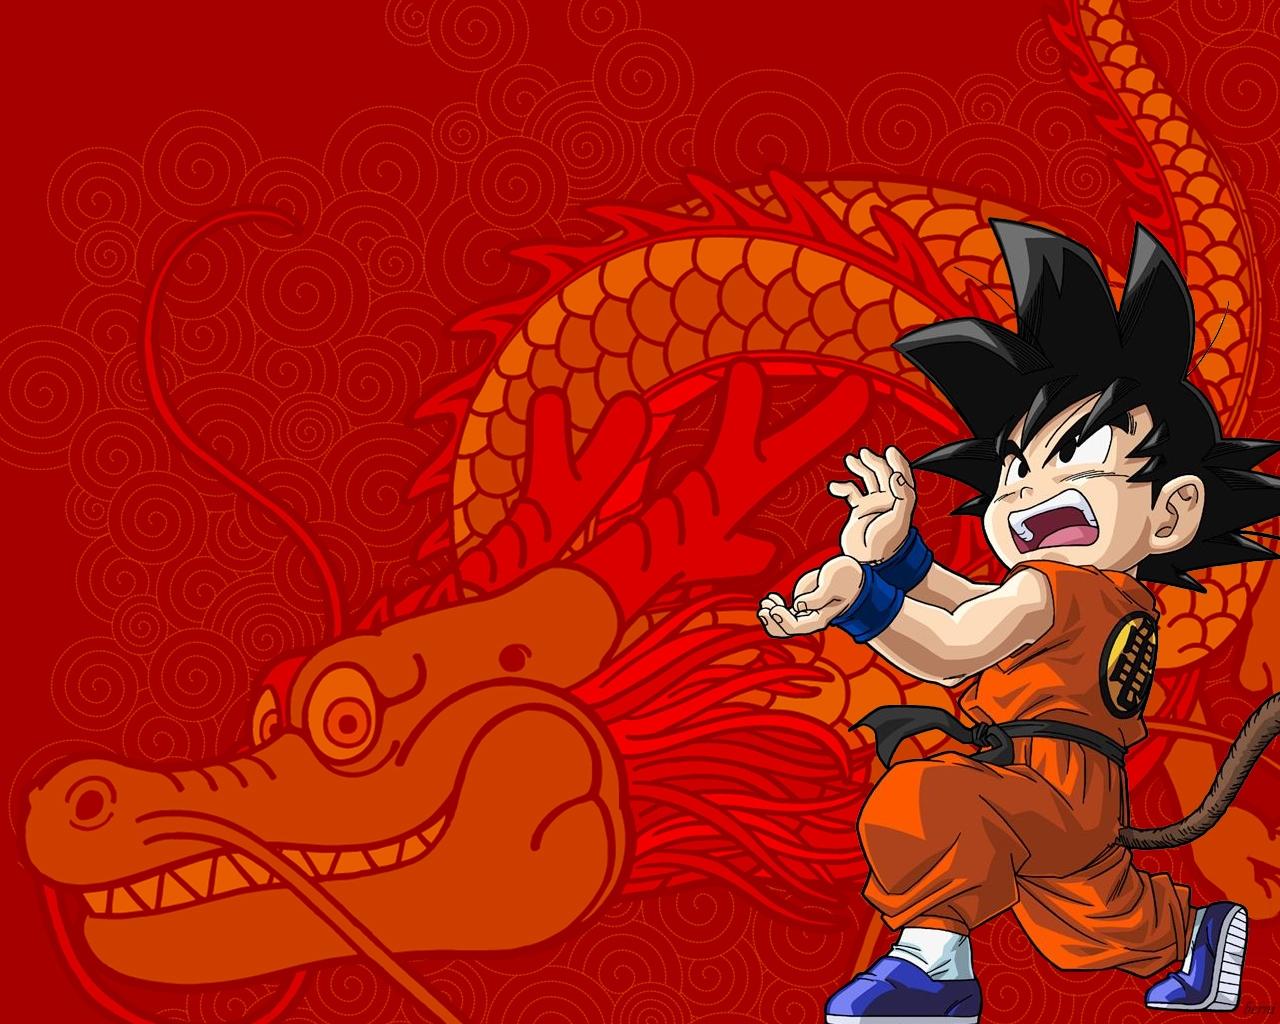 imagenes de goku wallpaper